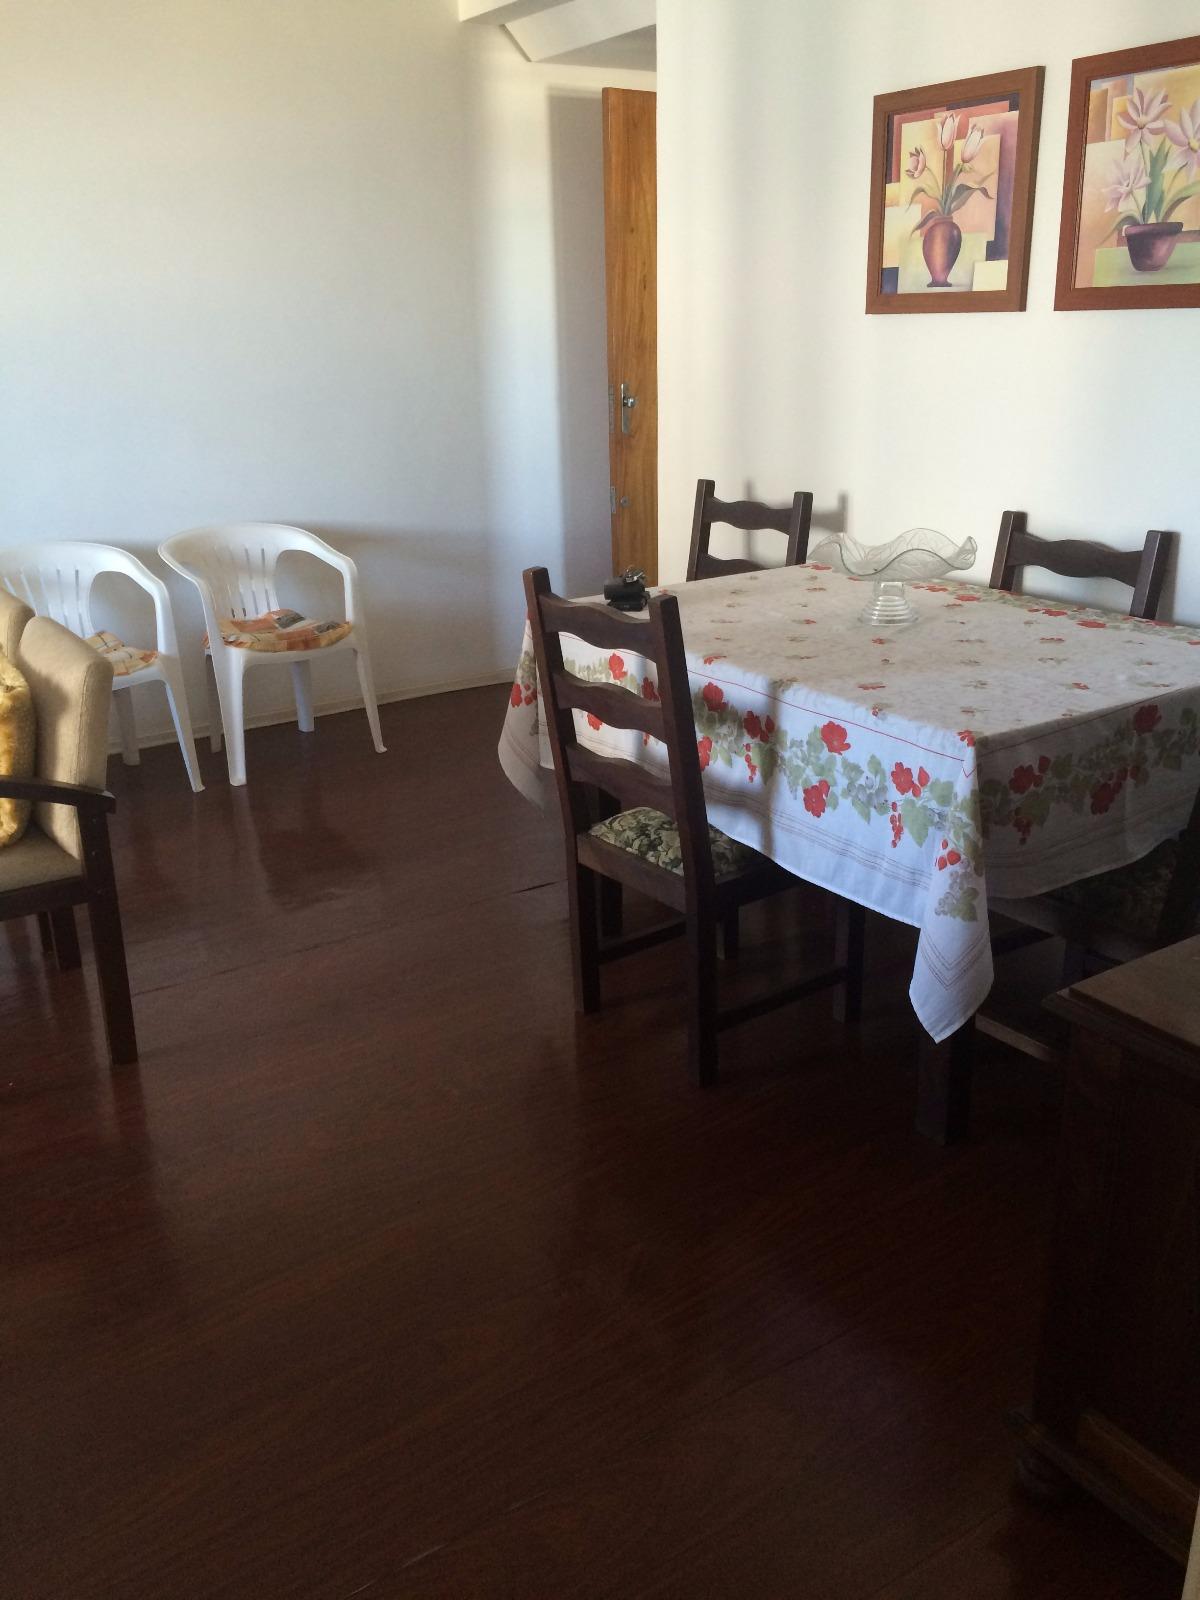 Vila Del Rey - Apto, Centro, Canoas (BD3123) - Foto 8